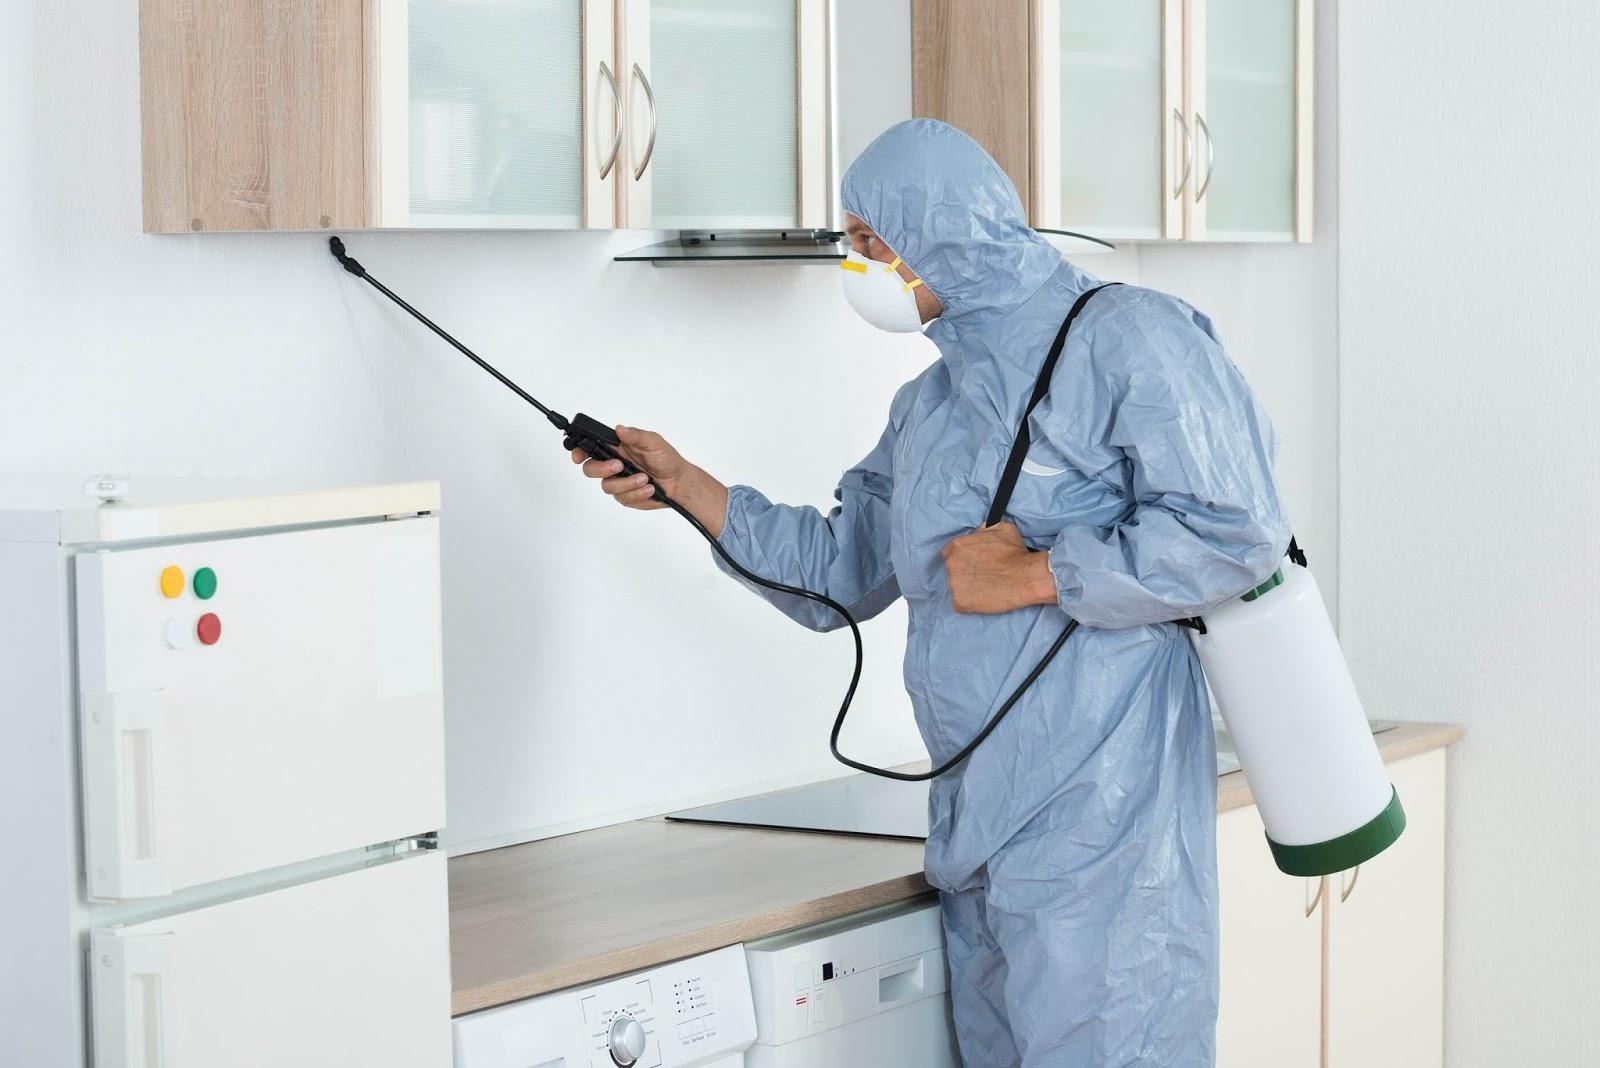 empresas de control de plagas y desinfeccion en murcia